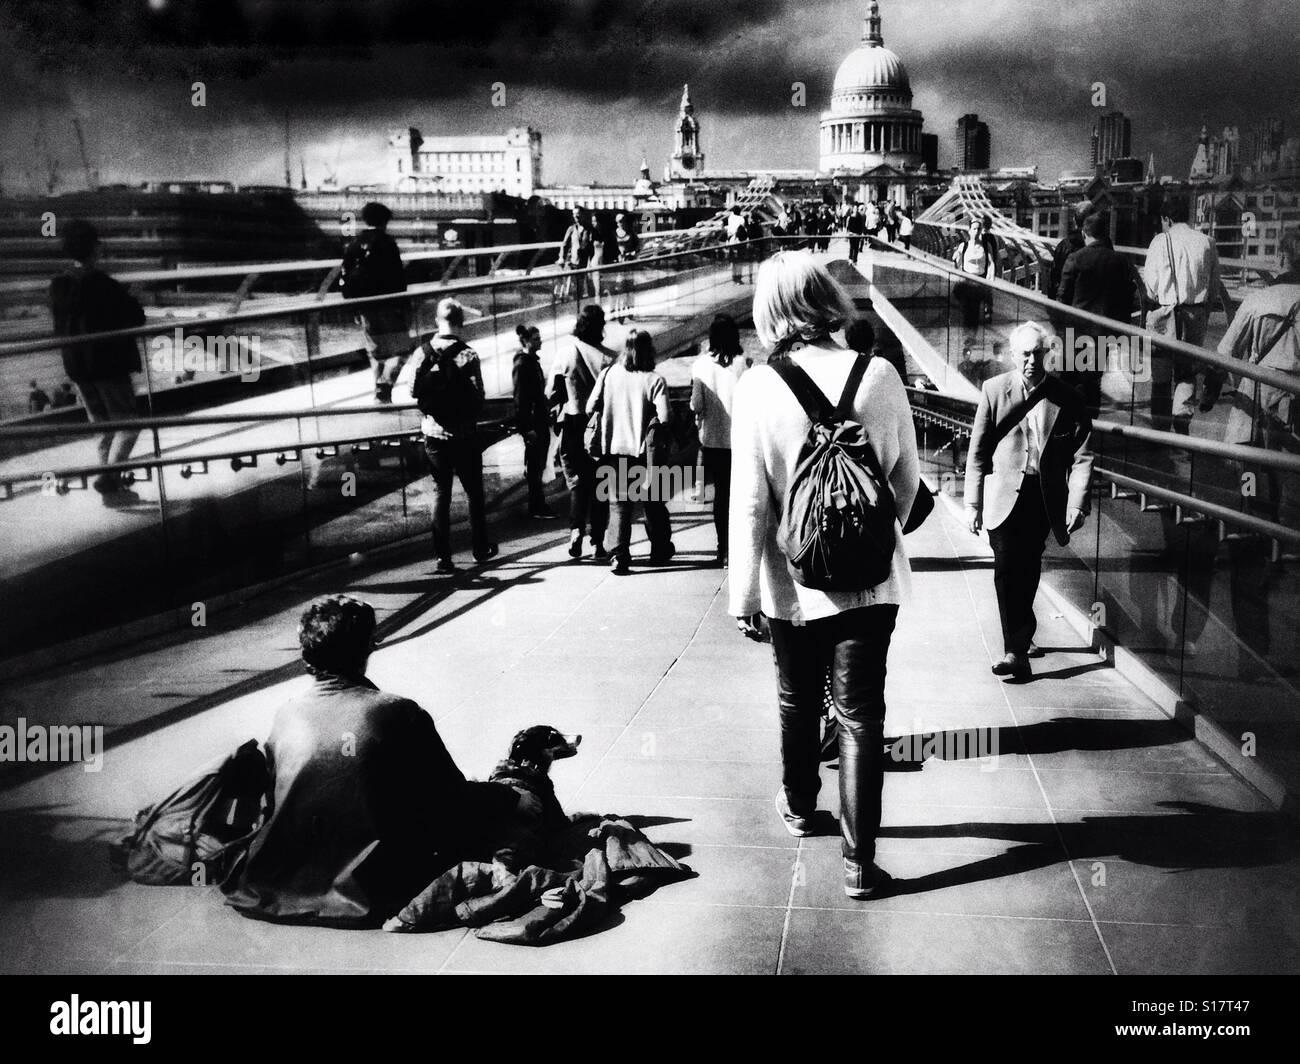 Cuestiones sociales documental fotografía de un hombre y un perro sentado viendo los viajeros y turistas que Imagen De Stock